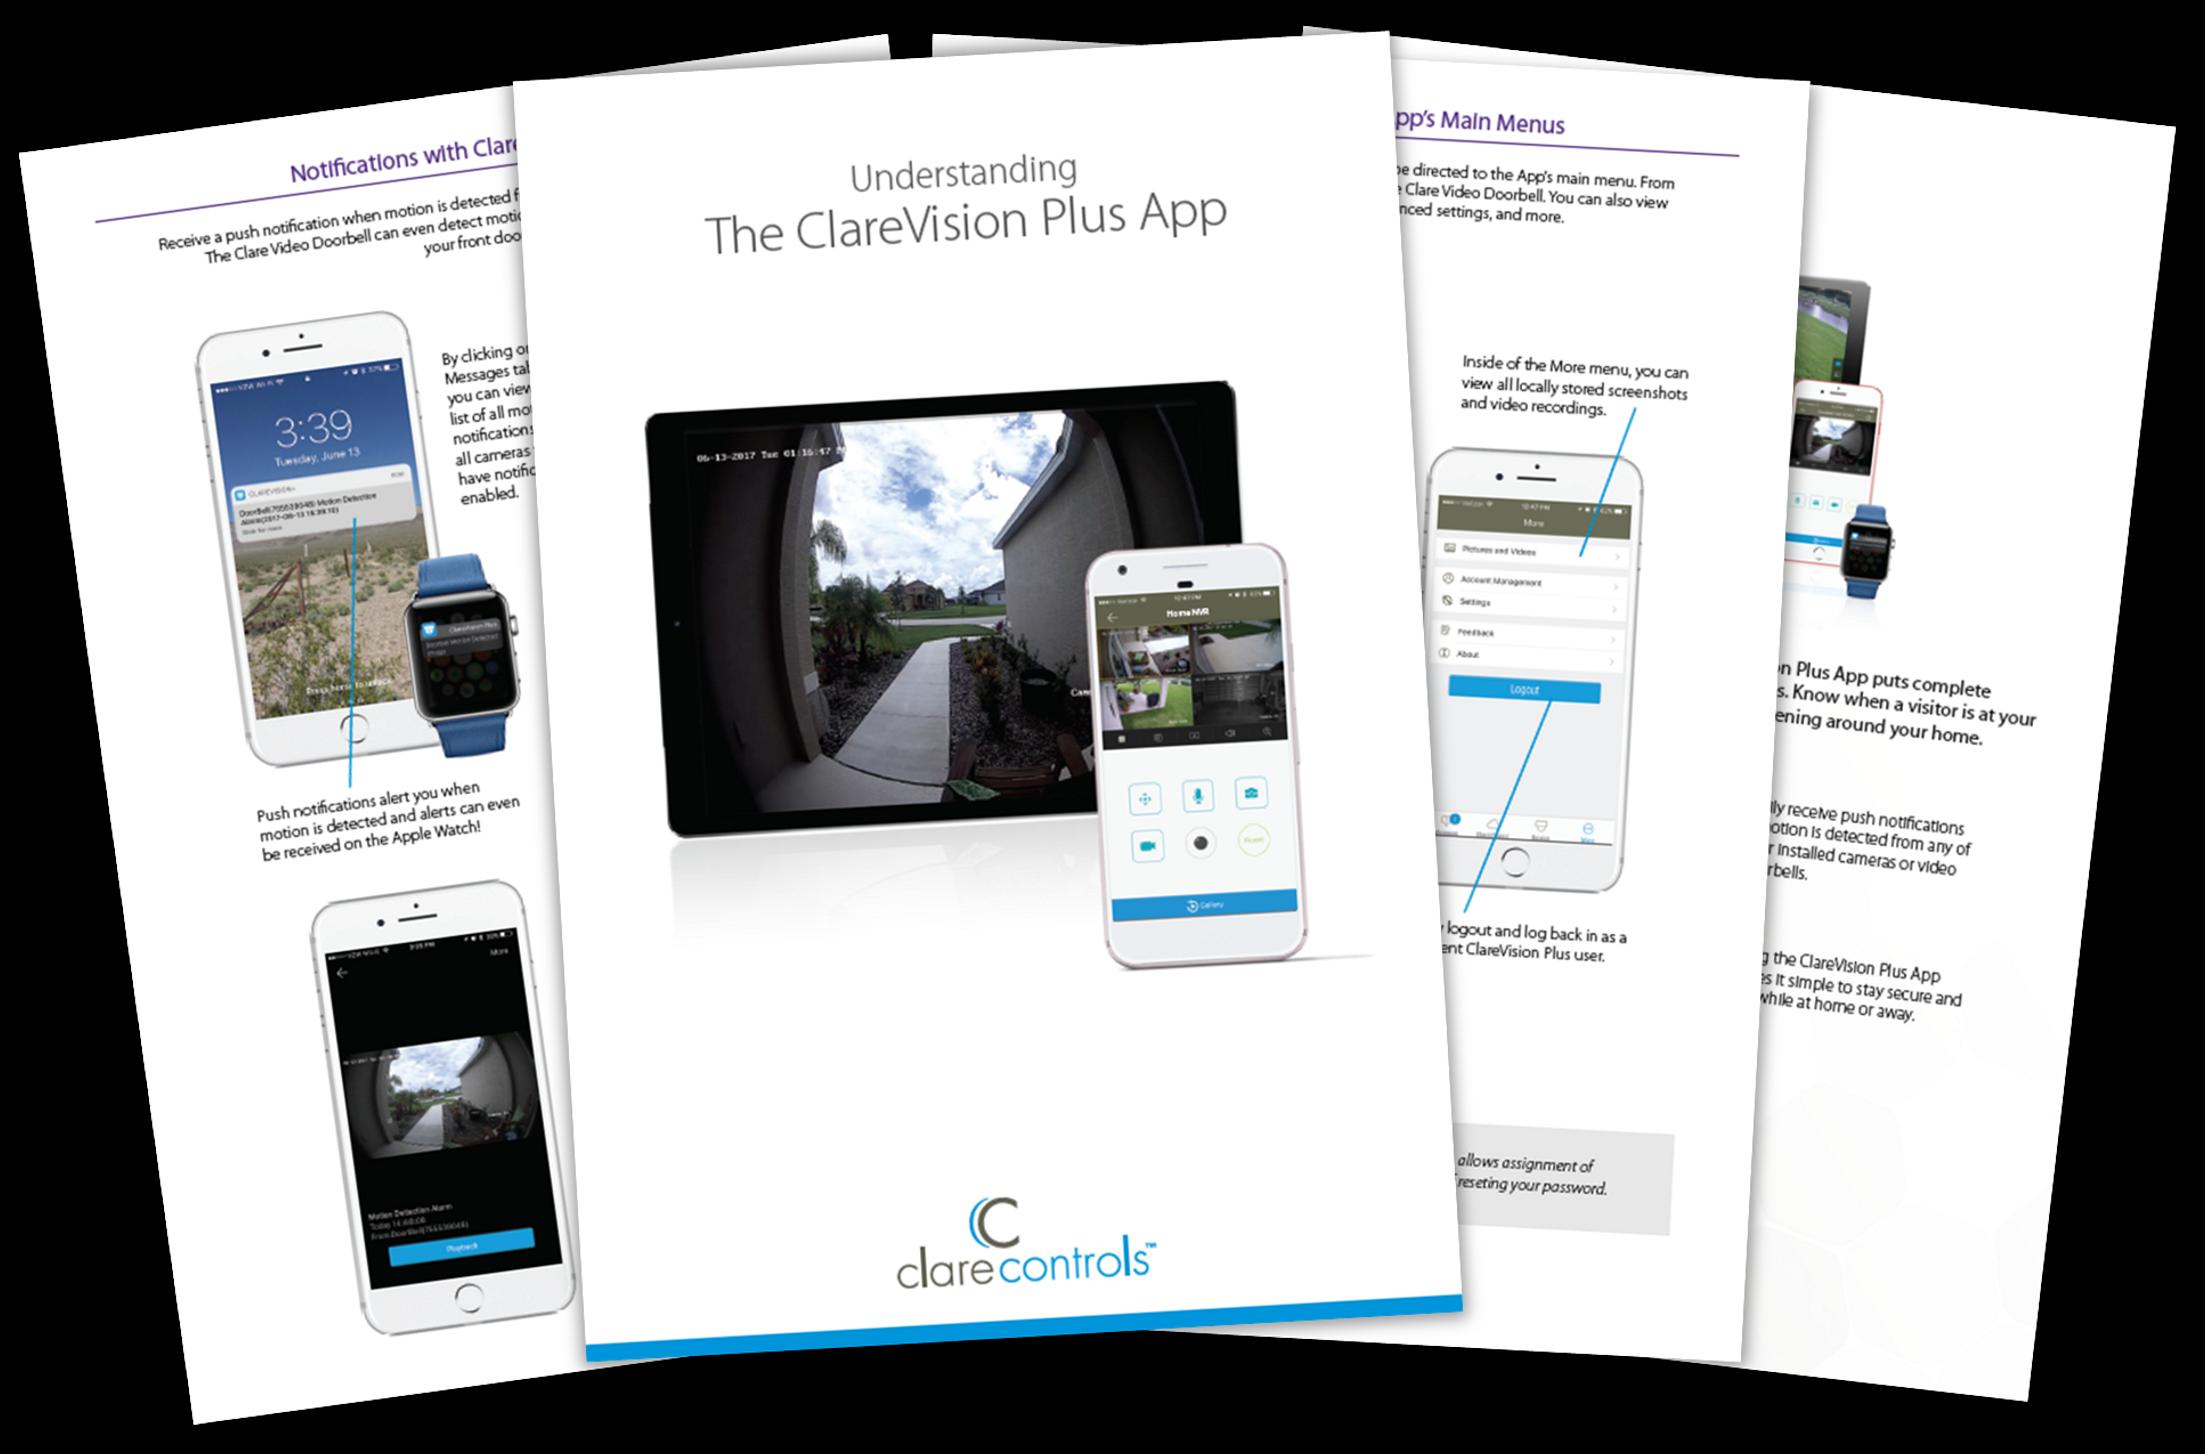 ClareVision Plus App & App Guide